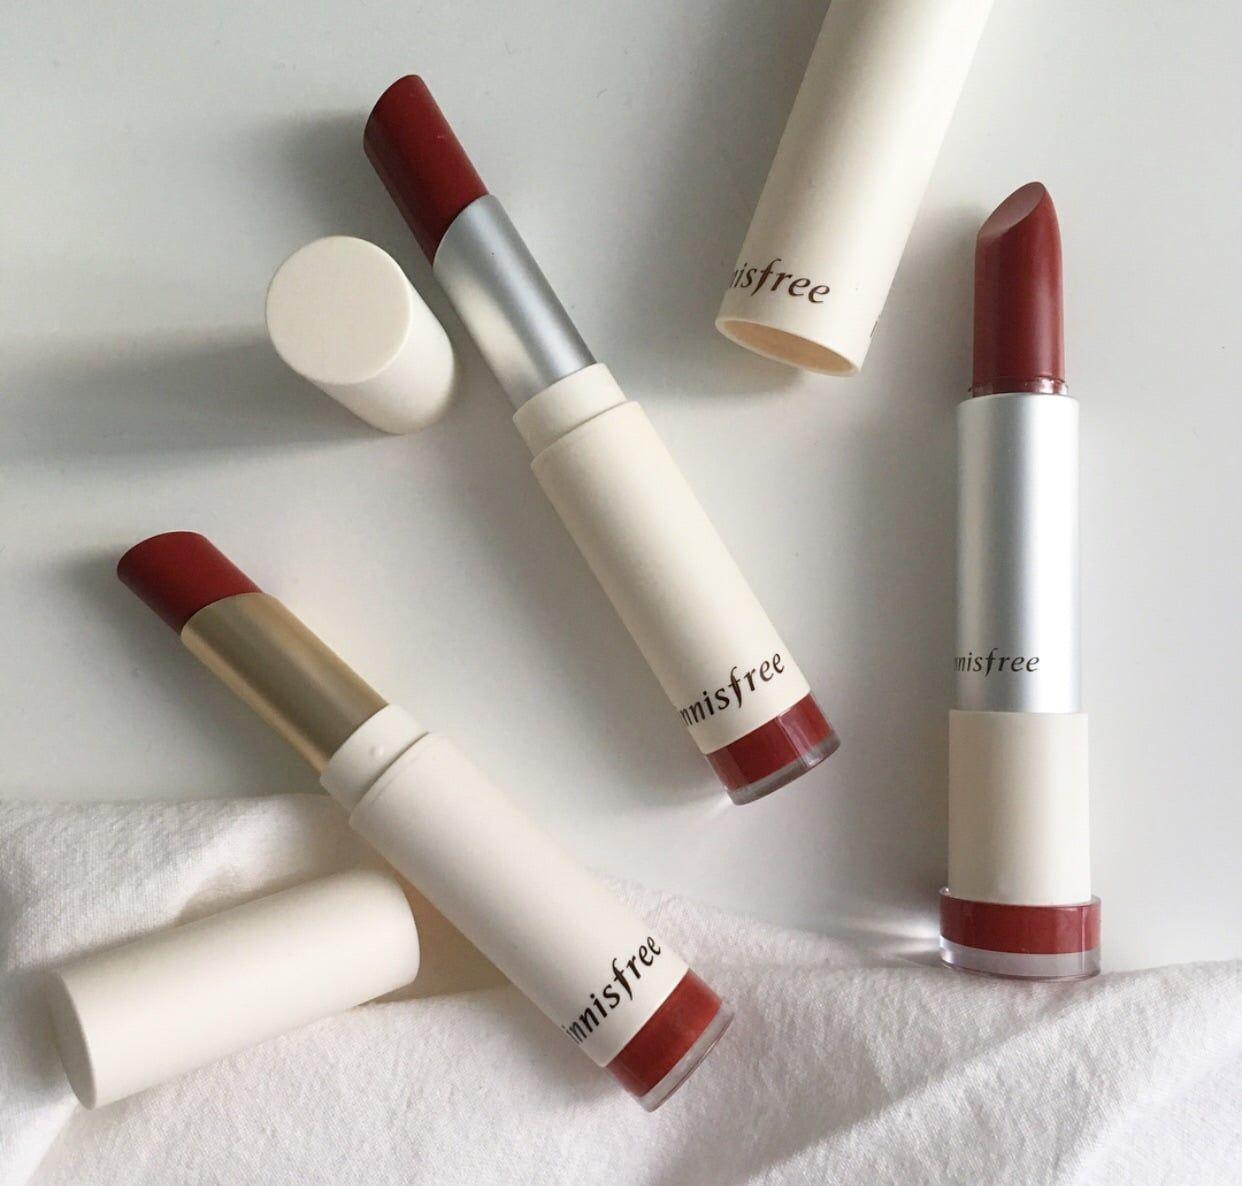 𝐬𝐮𝐠𝐚_𝐧_𝐜𝐫𝐞𝐚𝐦 ♡ Aesthetic makeup, Makeup cosmetics